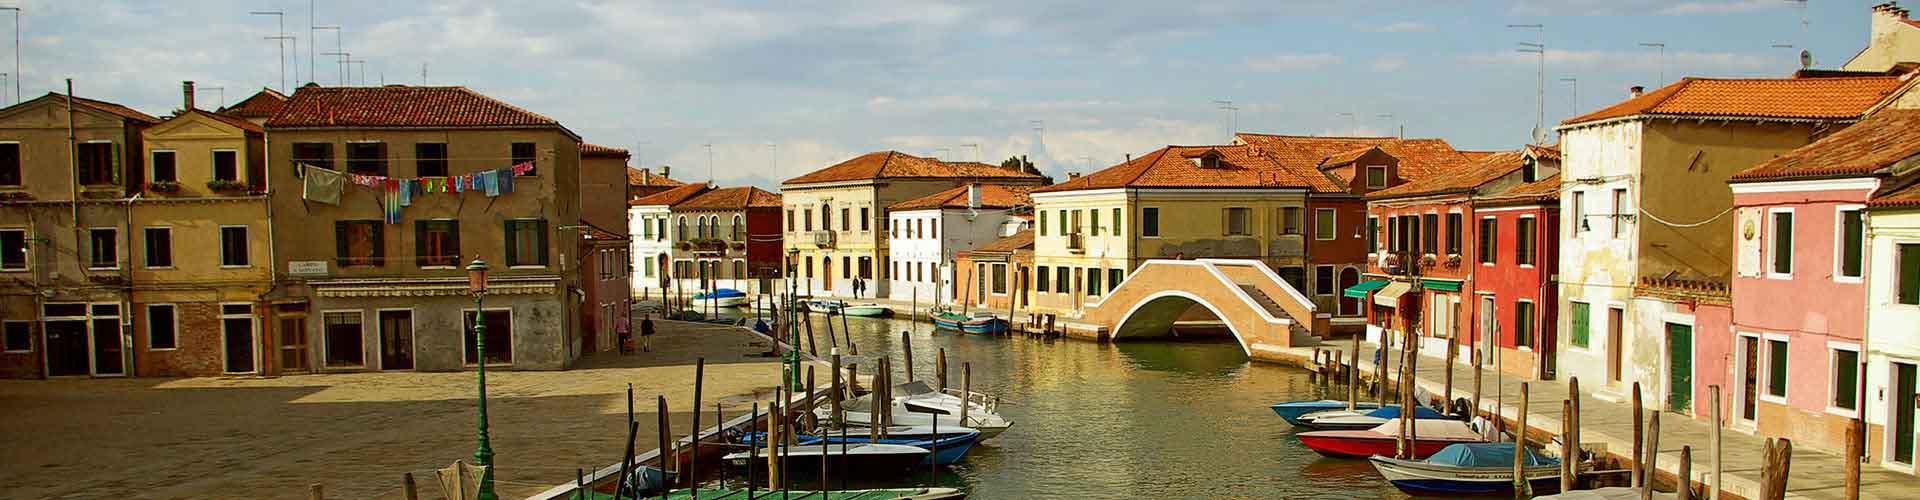 Venice Mestre – Retkeily kohteessa Venice Mestre. Venice Mestre -karttoja, valokuvia ja arvosteluja kaikista Venice Mestre -retkeilyalueista.